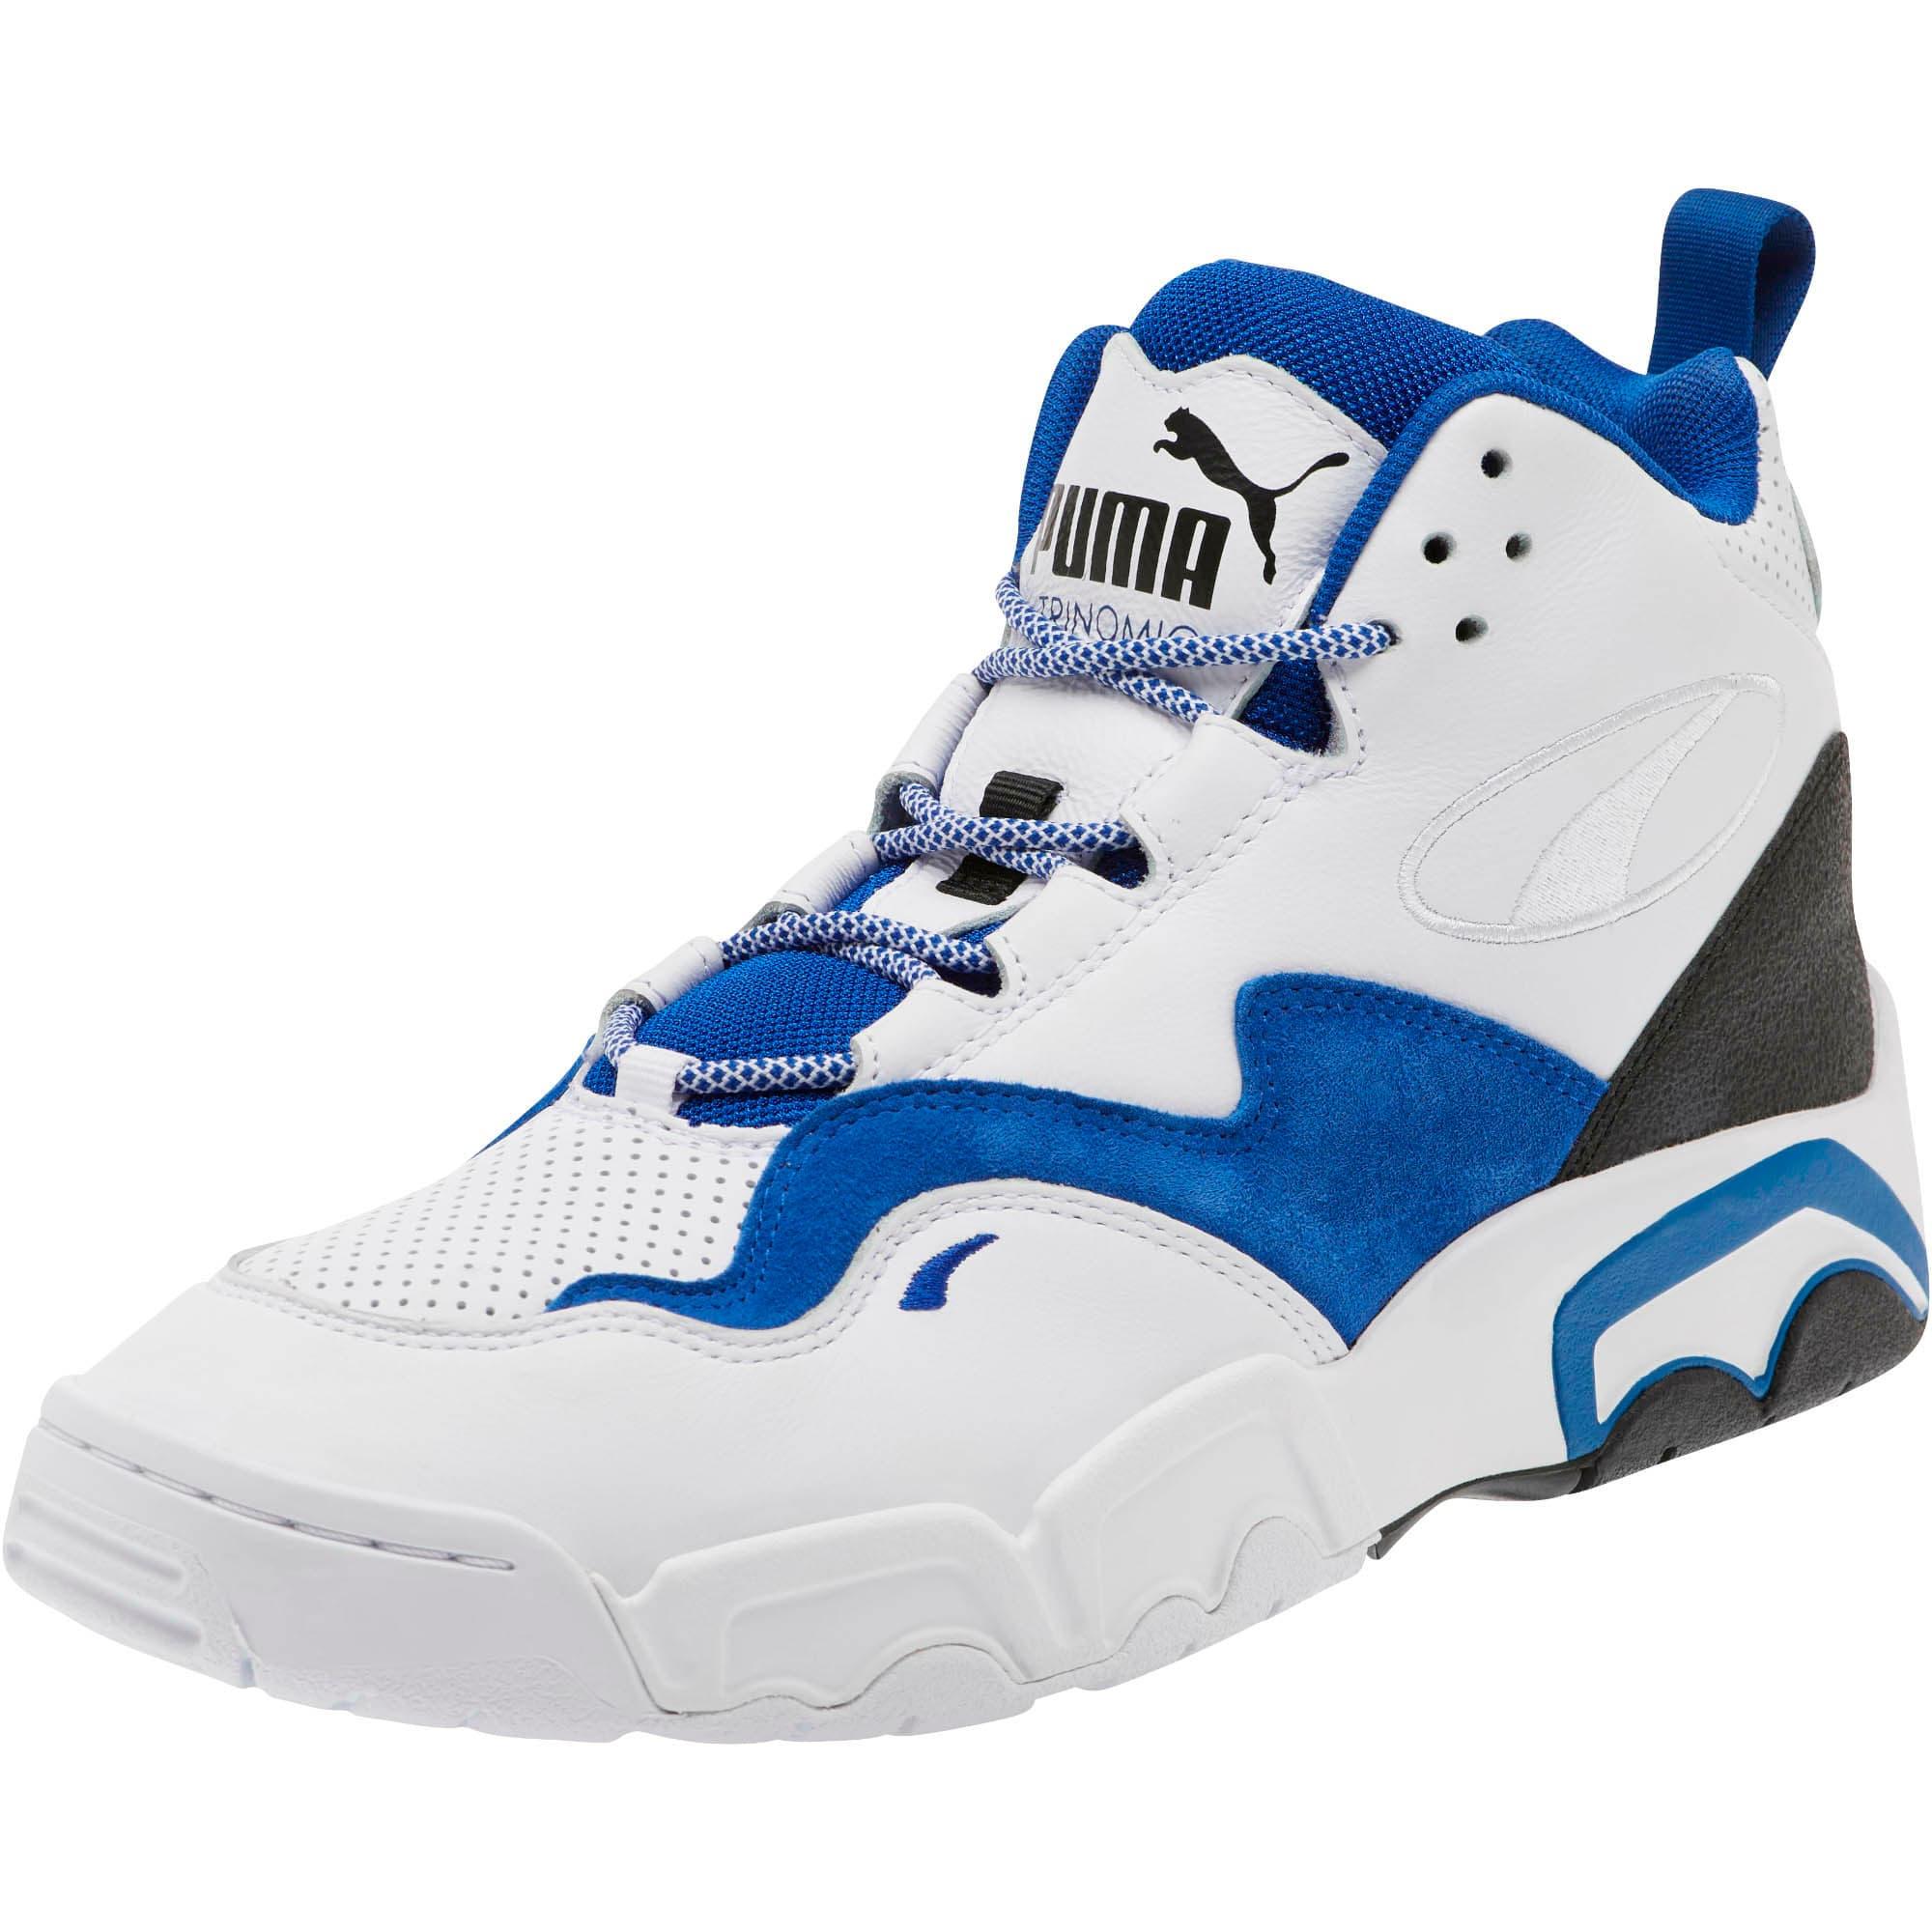 Miniatura 1 de Zapatos deportivos Source Mid Retro 2, P White-Surf The Web-Puma Bl, mediano